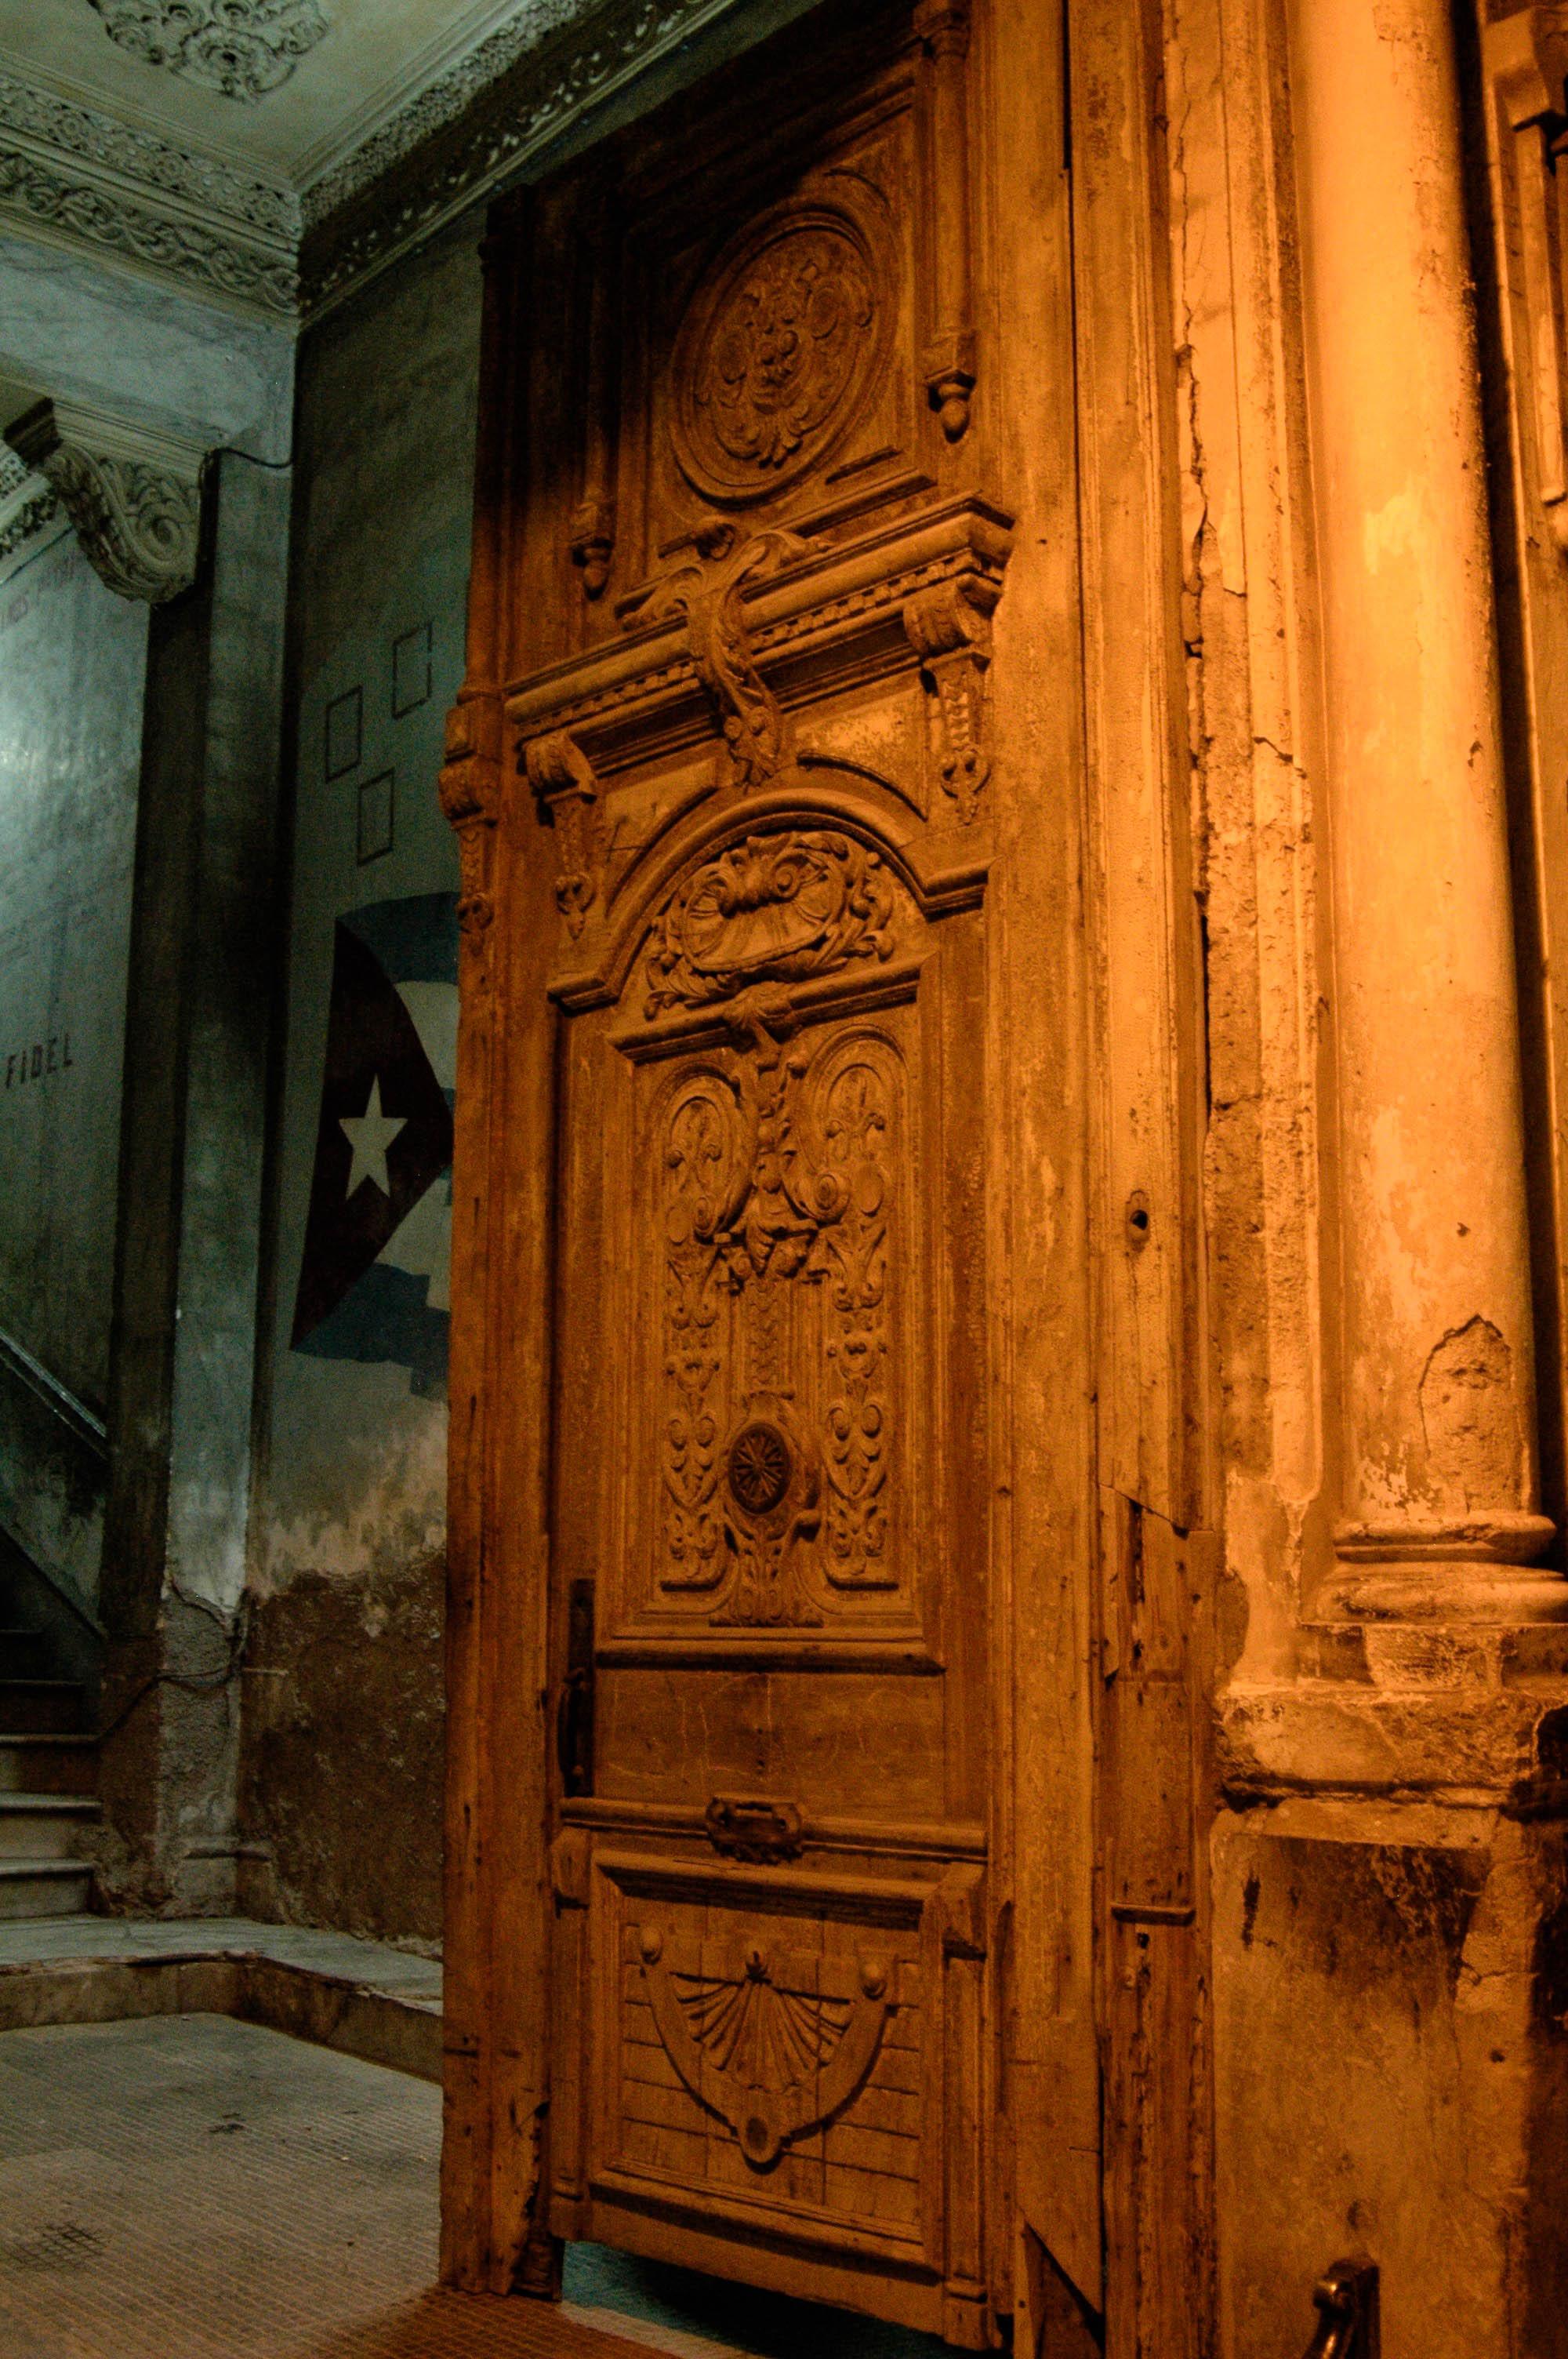 The detailed door